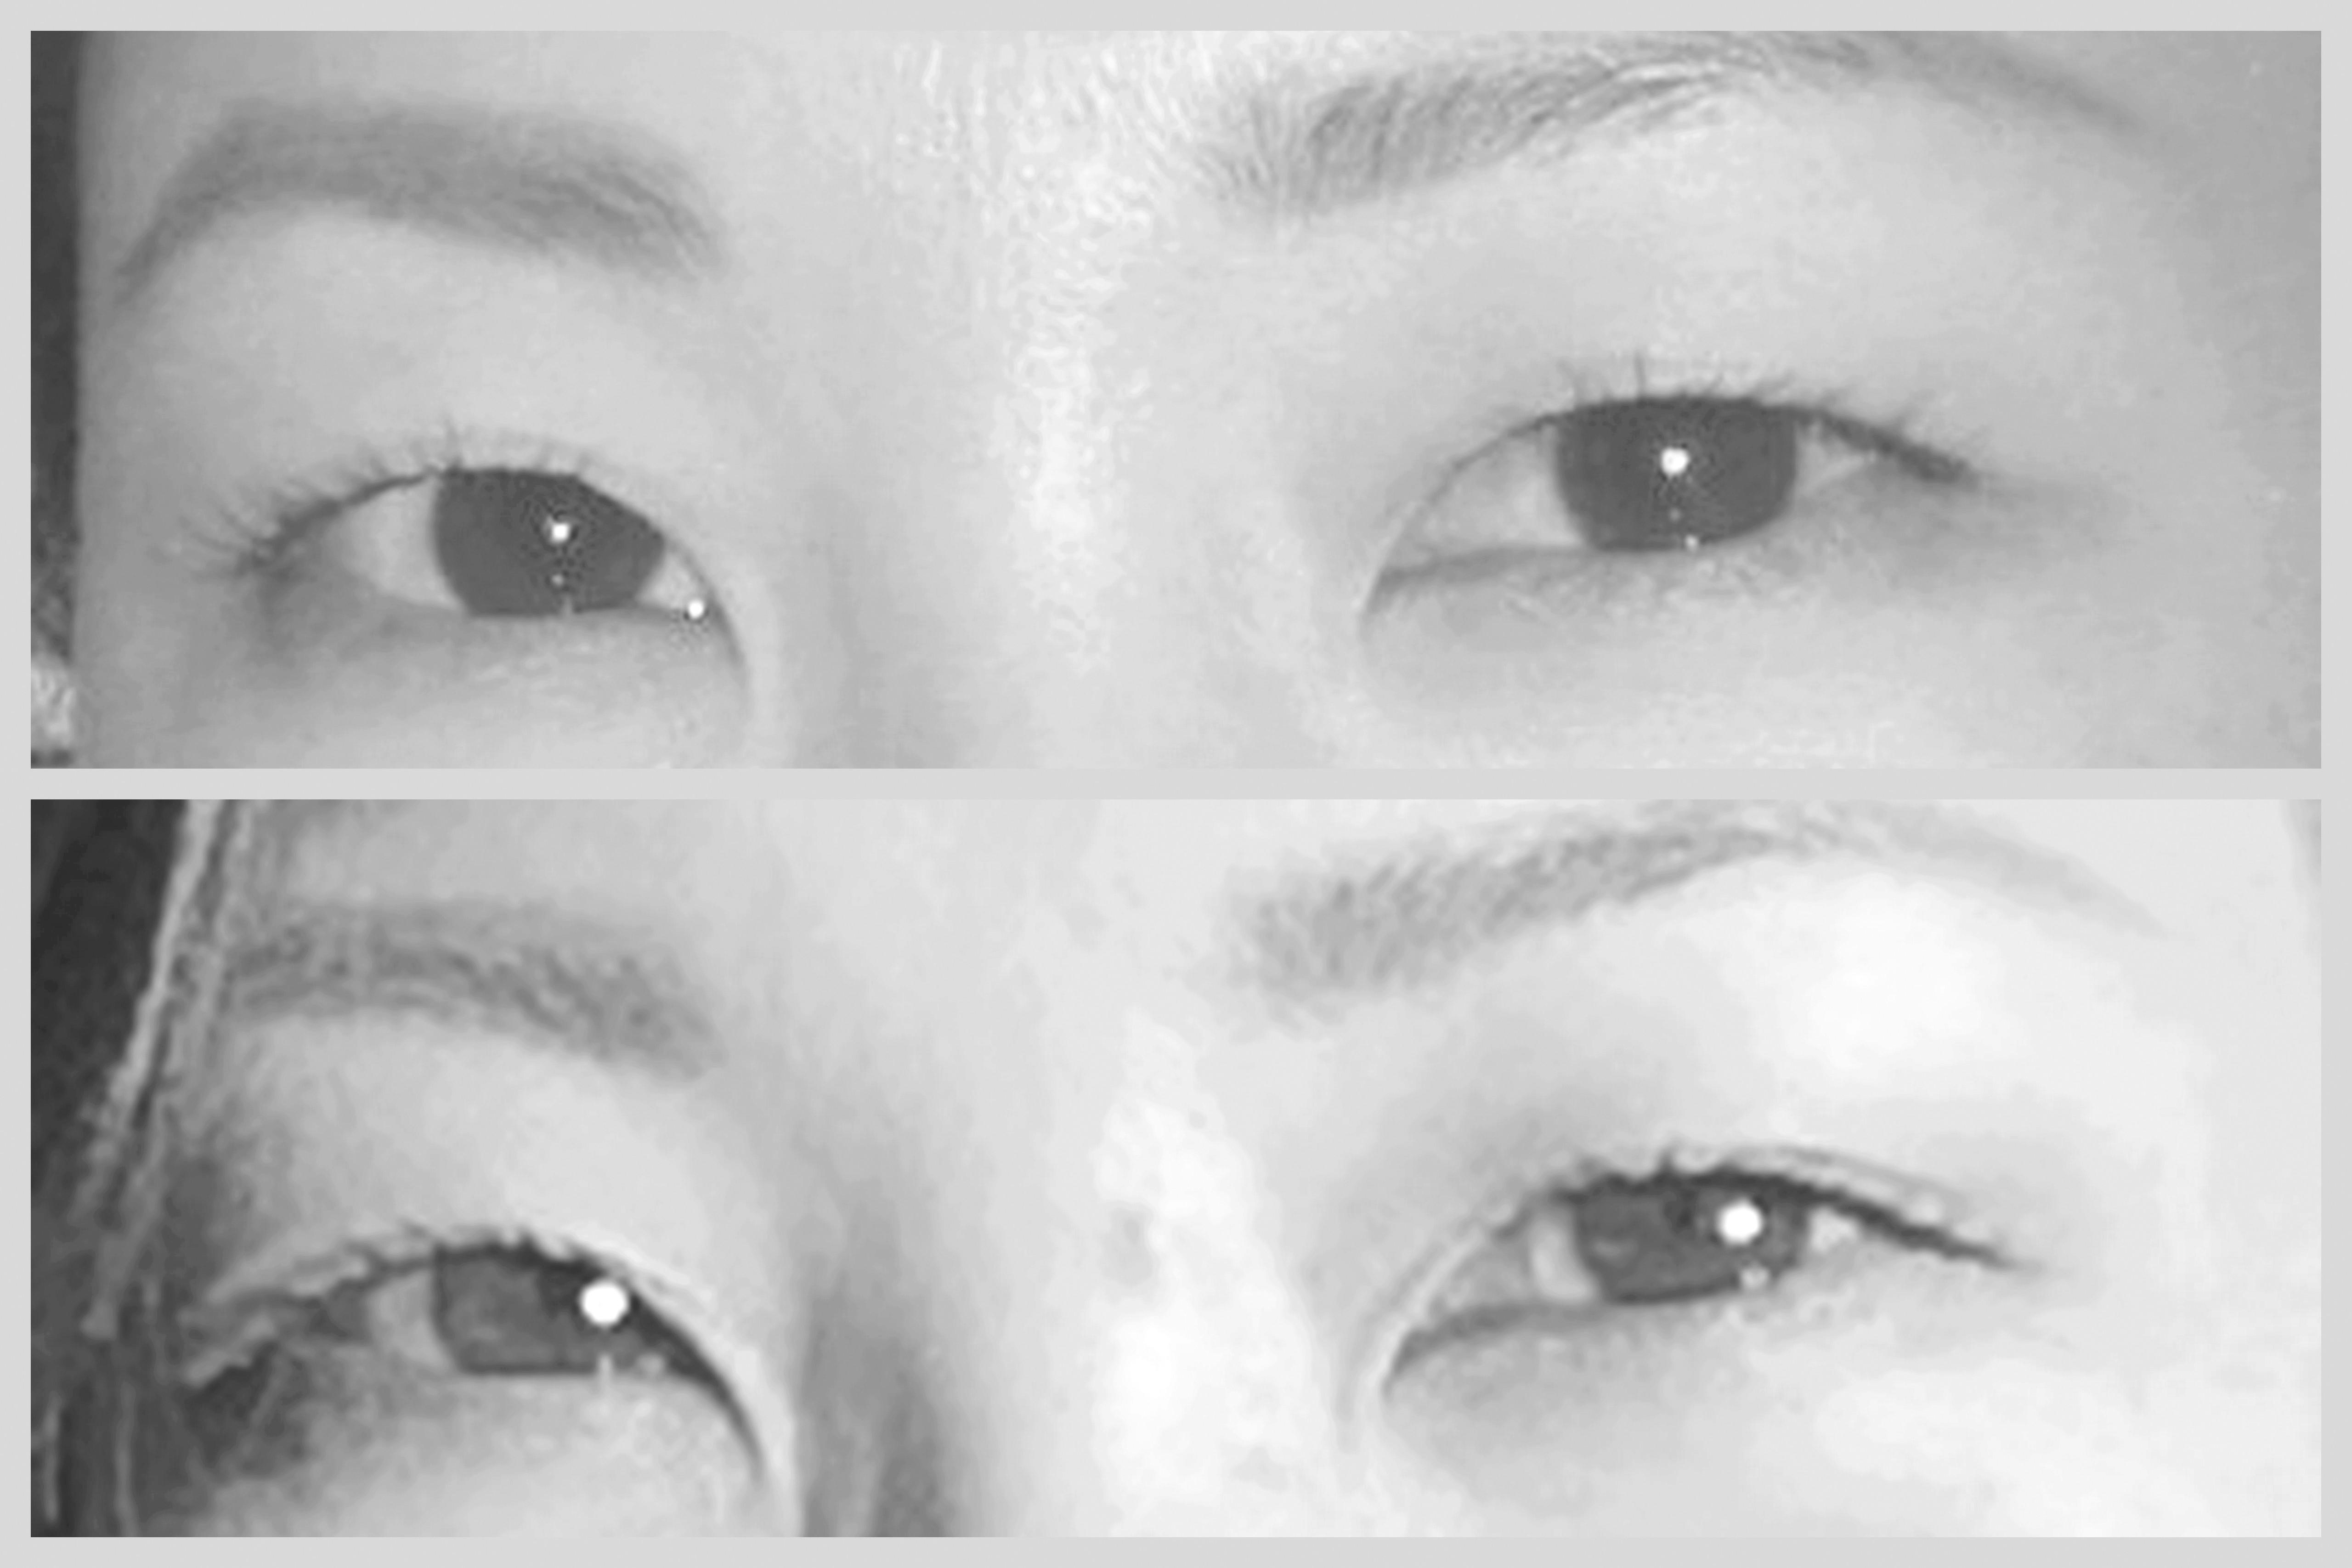 Kareprost: reviews. Kareprost - means for eyelashes 29